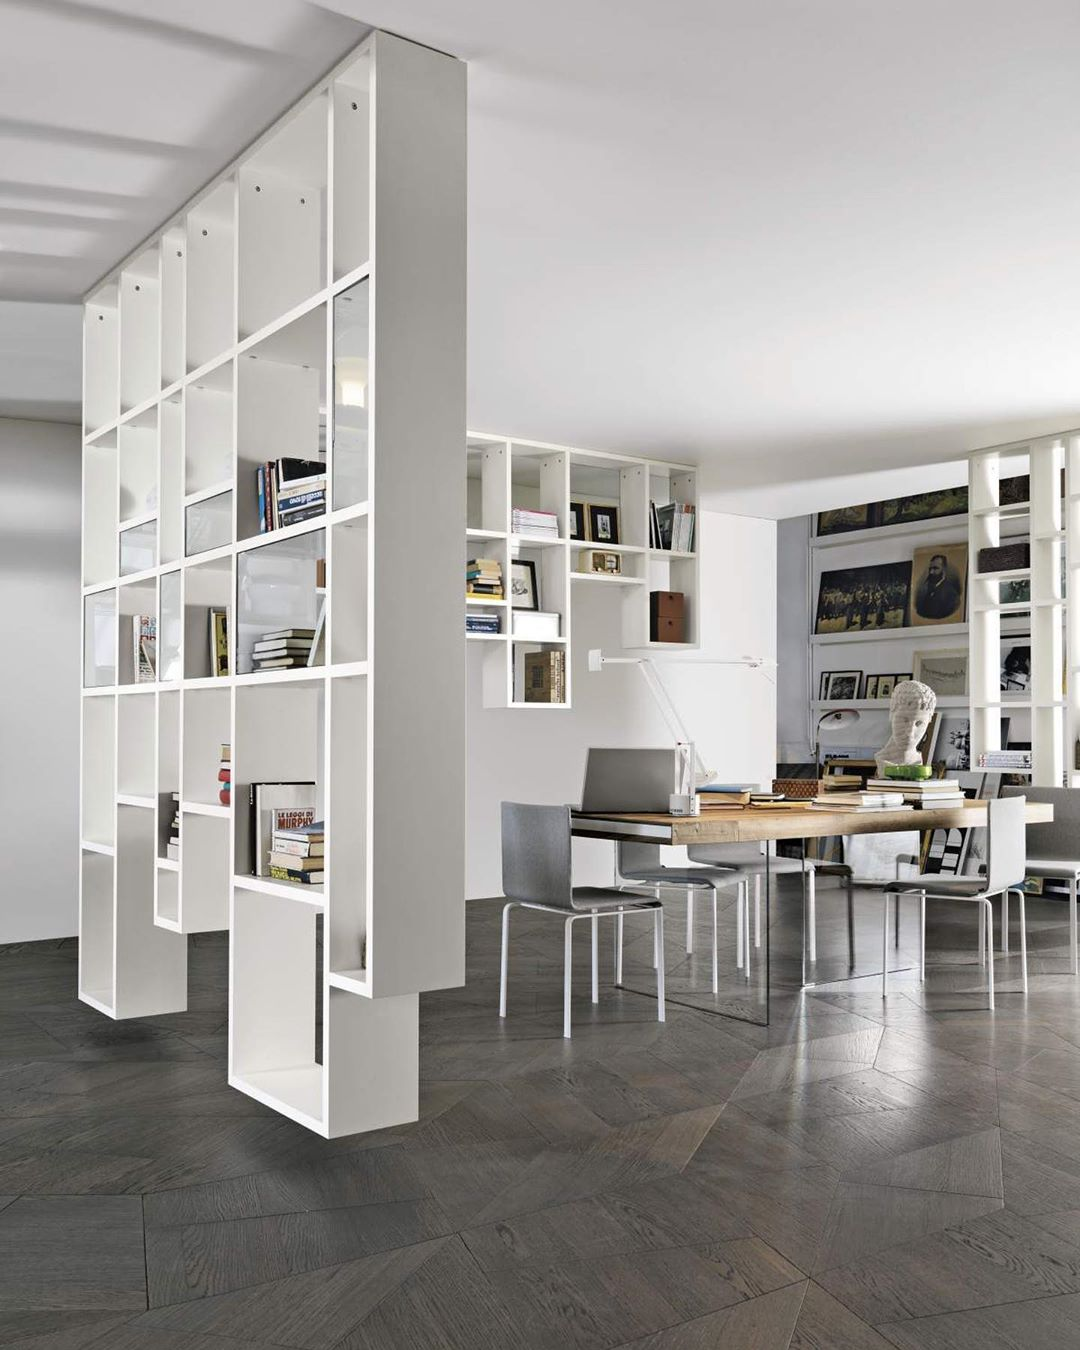 Descubre muebles de diseño lago para amueblar tu casa 3